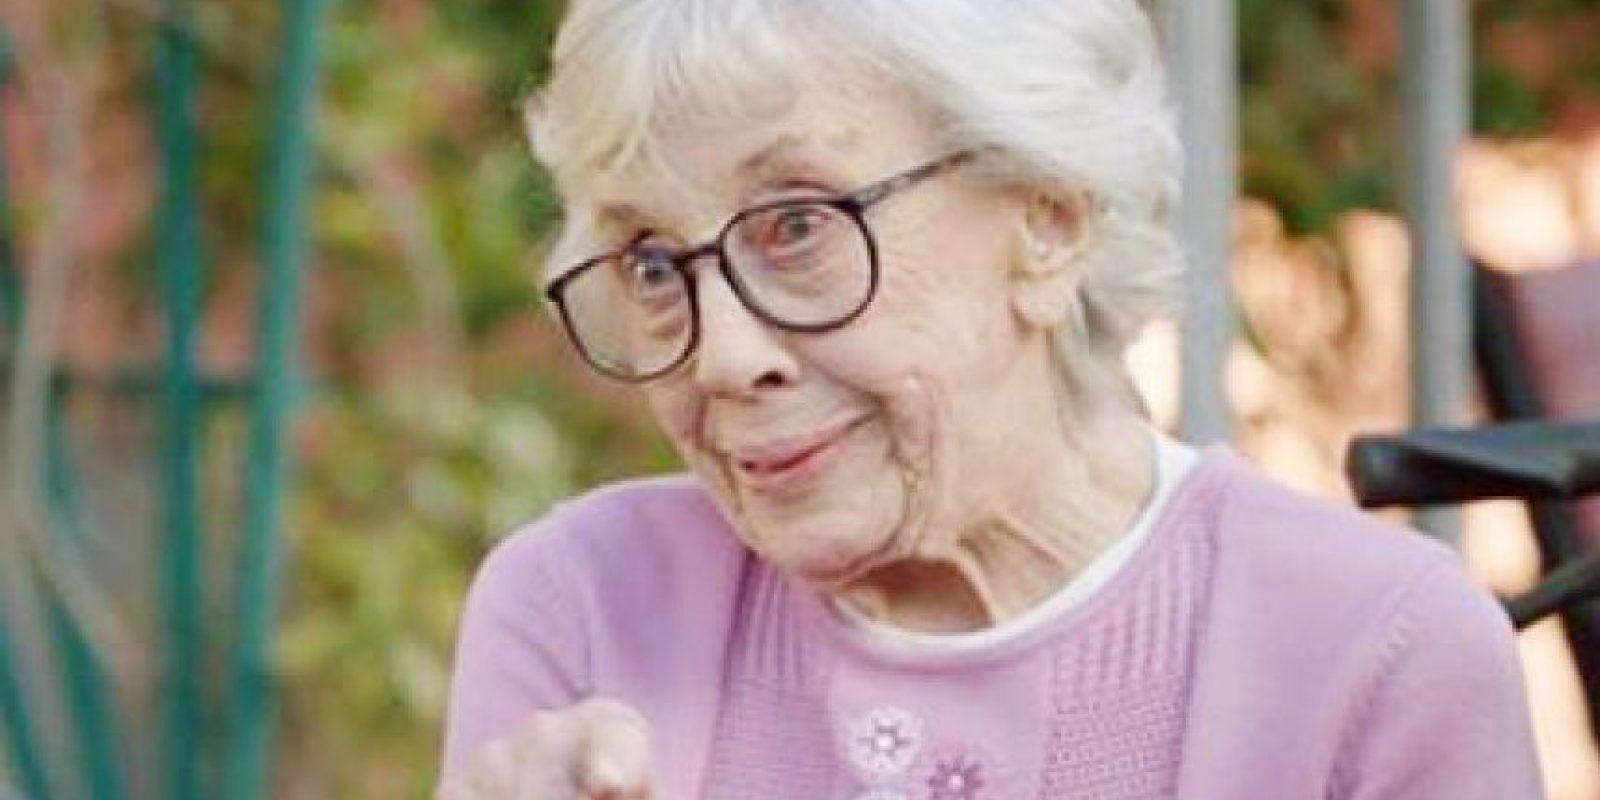 La actriz Ann Morgan Guilbert quien daba la abuela Yetta inició su carrera en 1959 Foto:AP